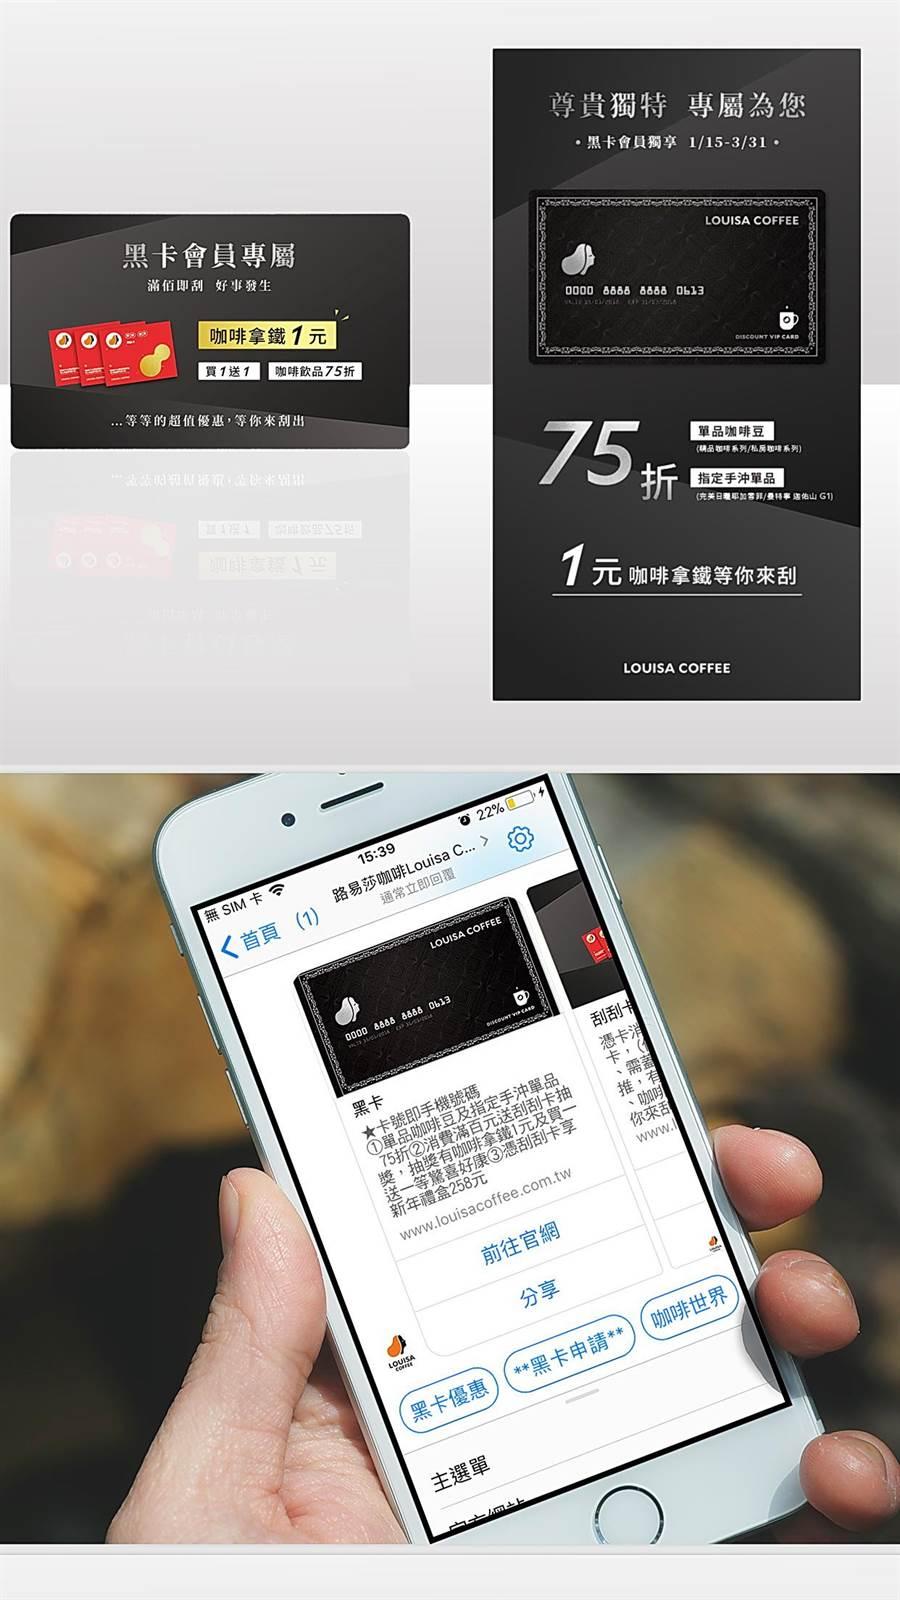 路易莎咖啡虛擬「黑卡」累計會員數近25 萬後,即日起推出一連串超殺優惠折扣。(圖/路易莎咖啡)